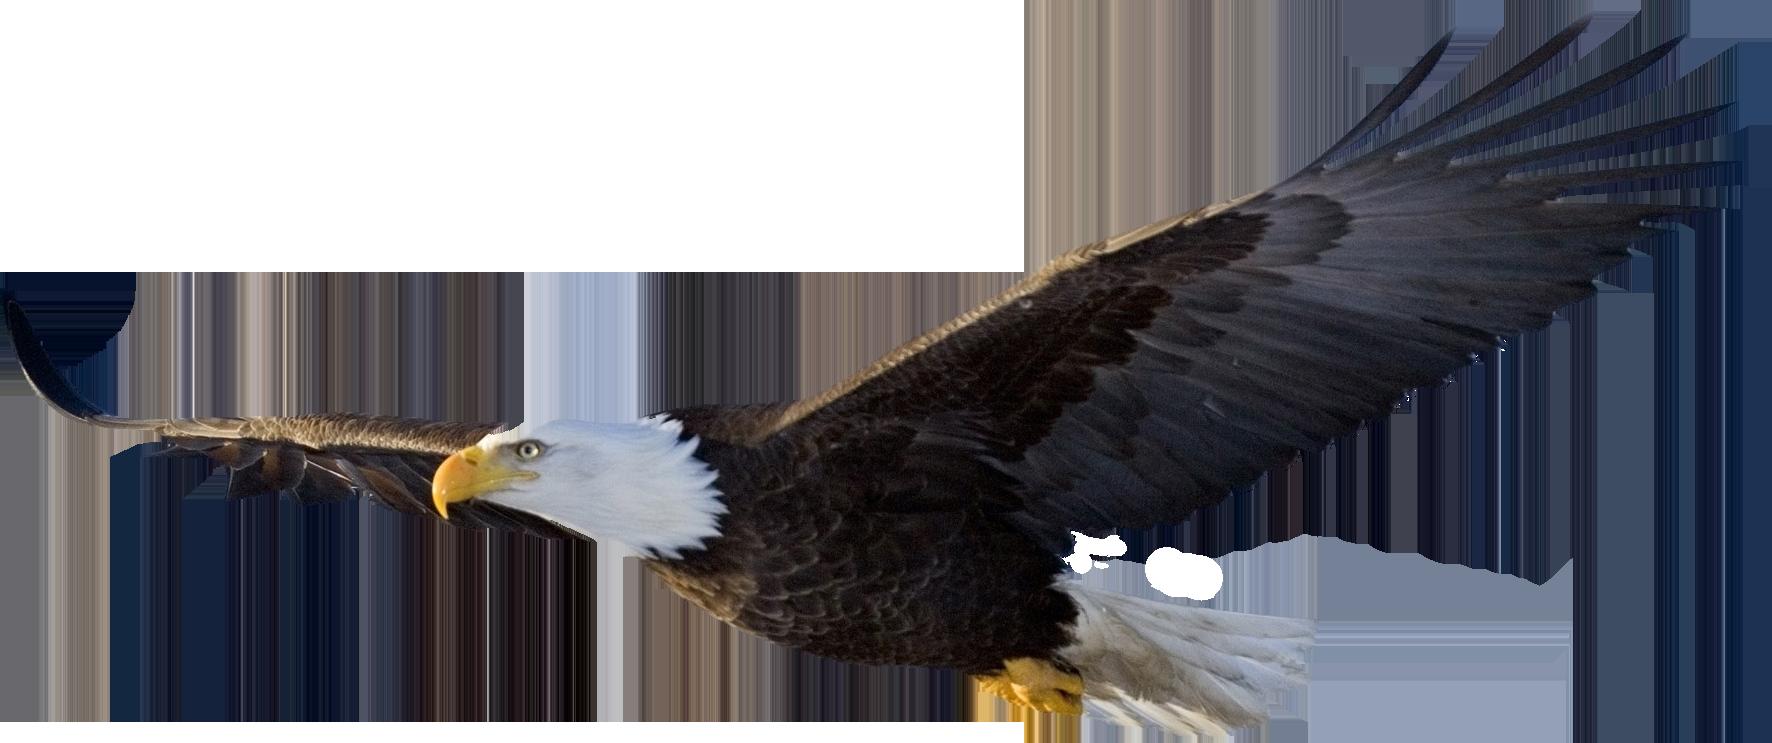 Bald flying png image. Eagles clipart dead eagle